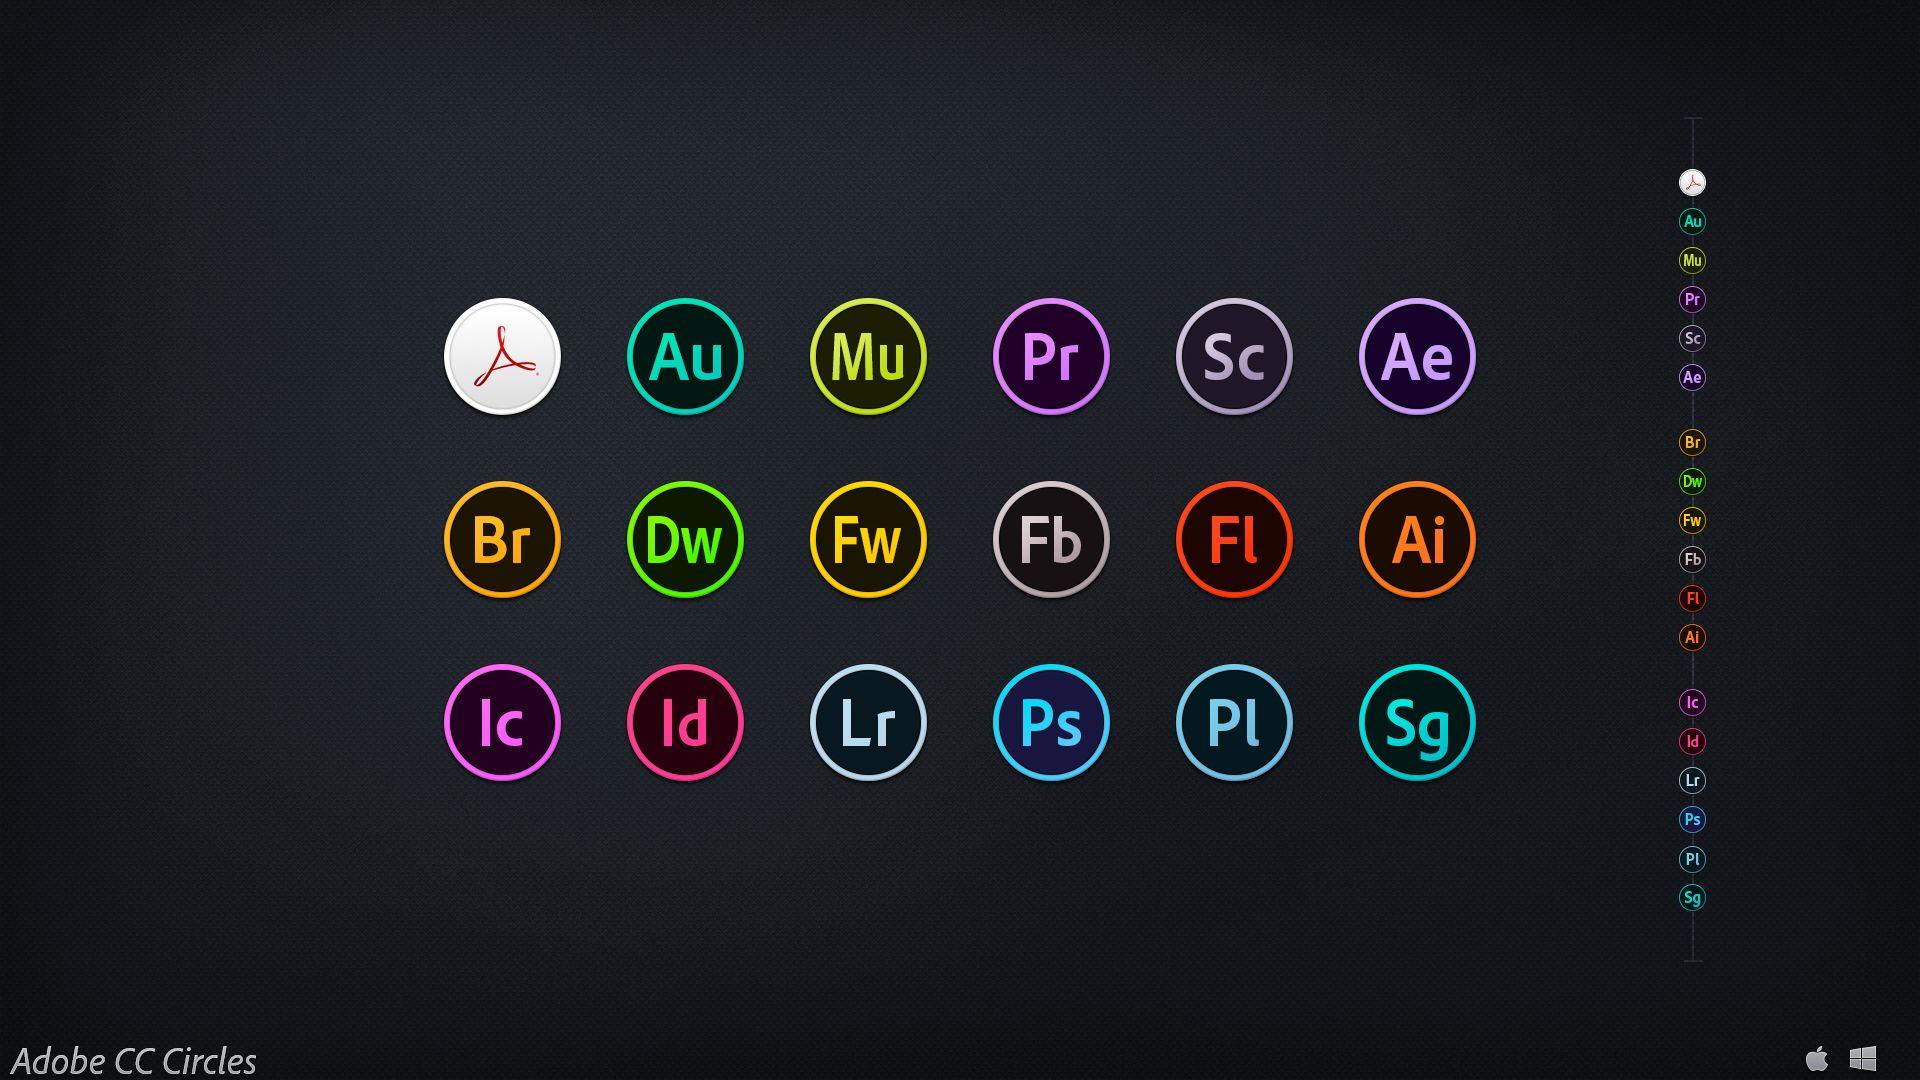 Adobe CC Circles by on